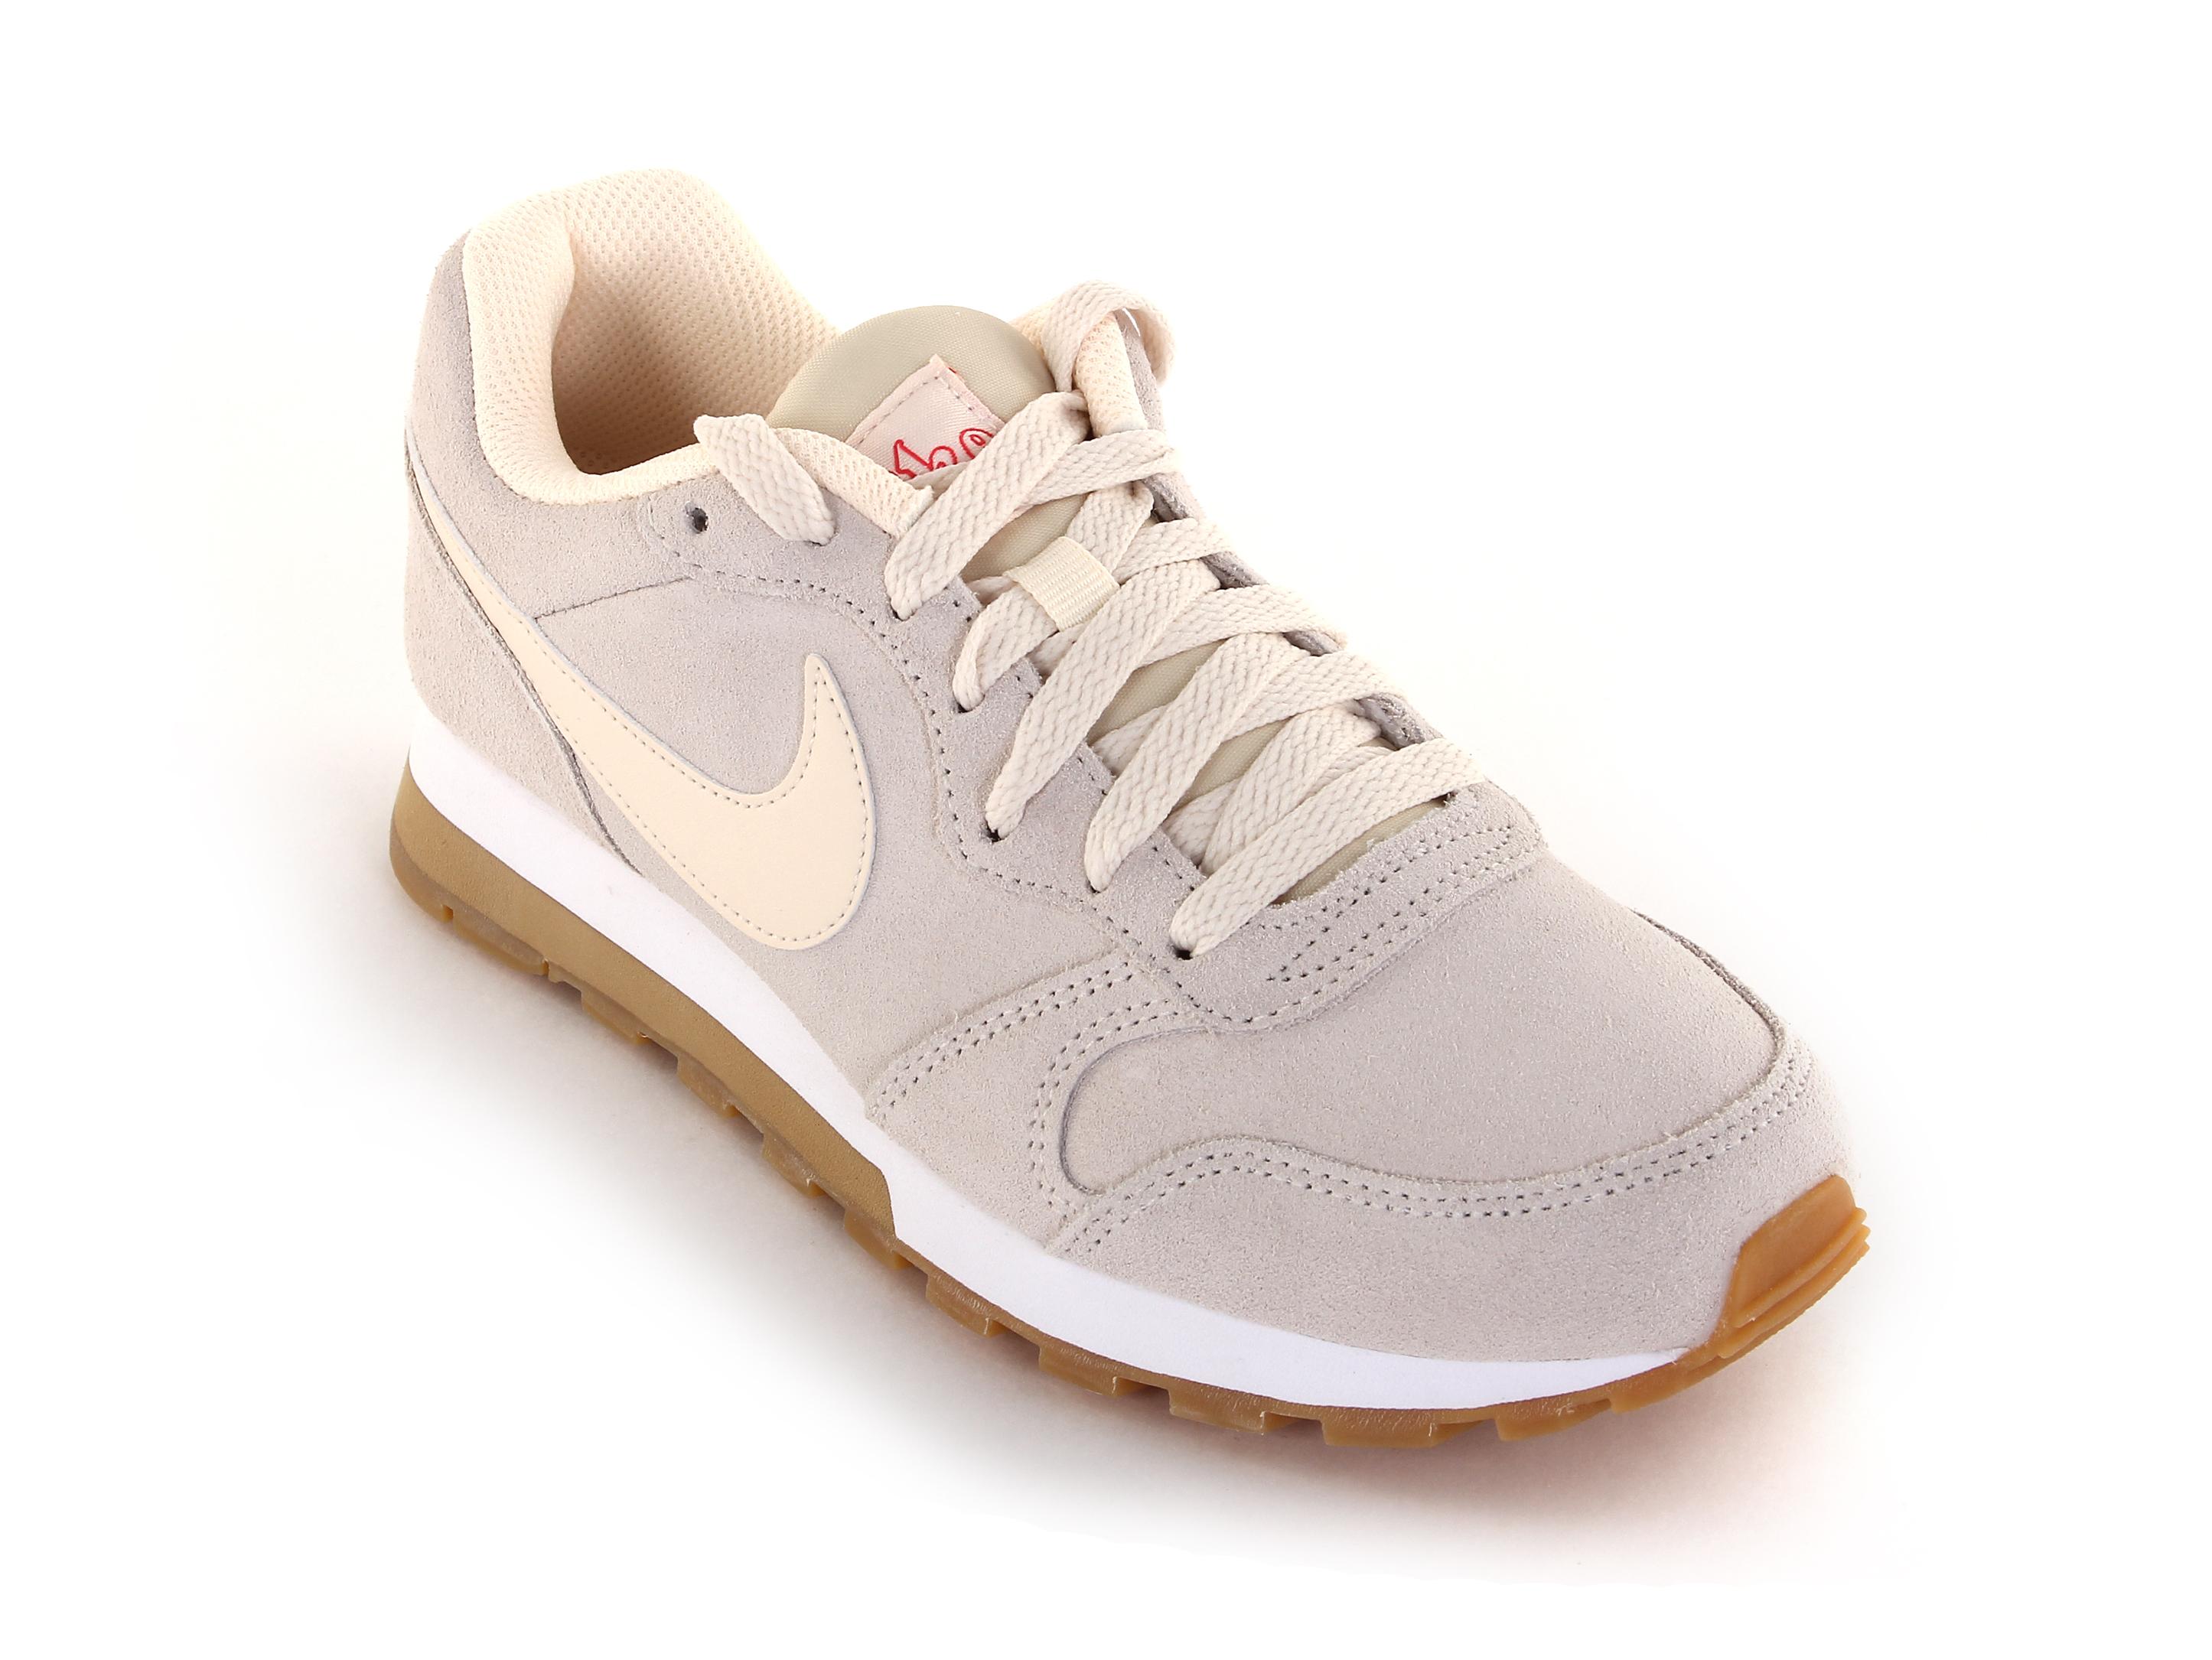 1f24d236 Кроссовки женские Nike MD Runner 2 SE - Сеть спортивных магазинов ...